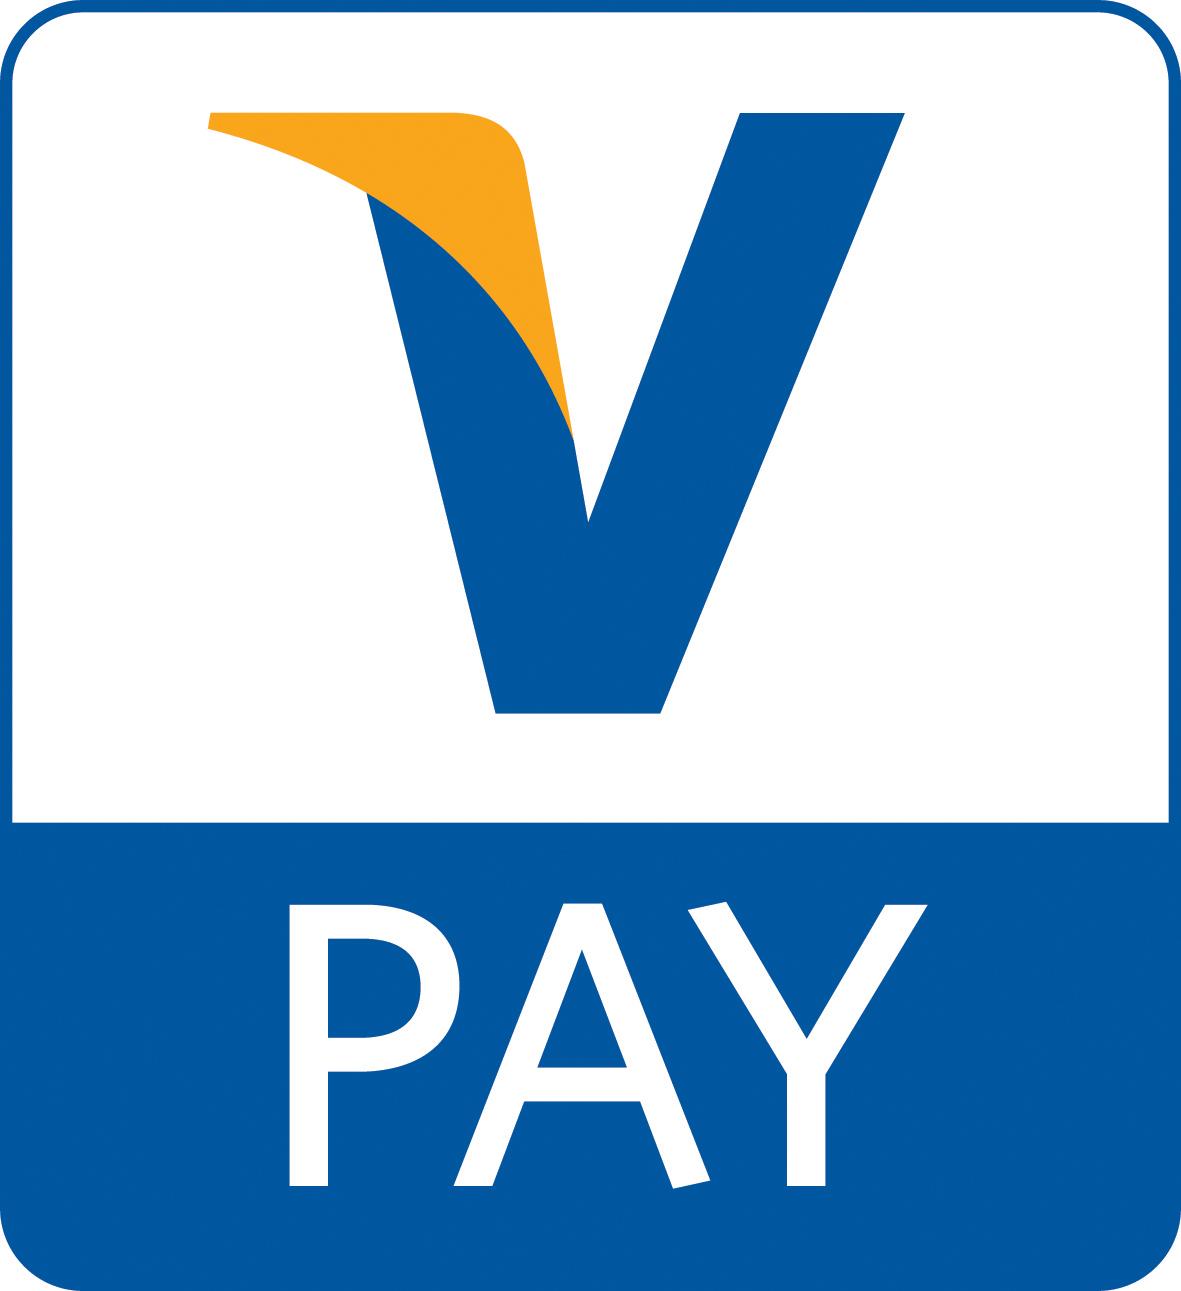 V Pay Karte: Infos Zu Gebühren, Einsatz Im Ausland Uvm.